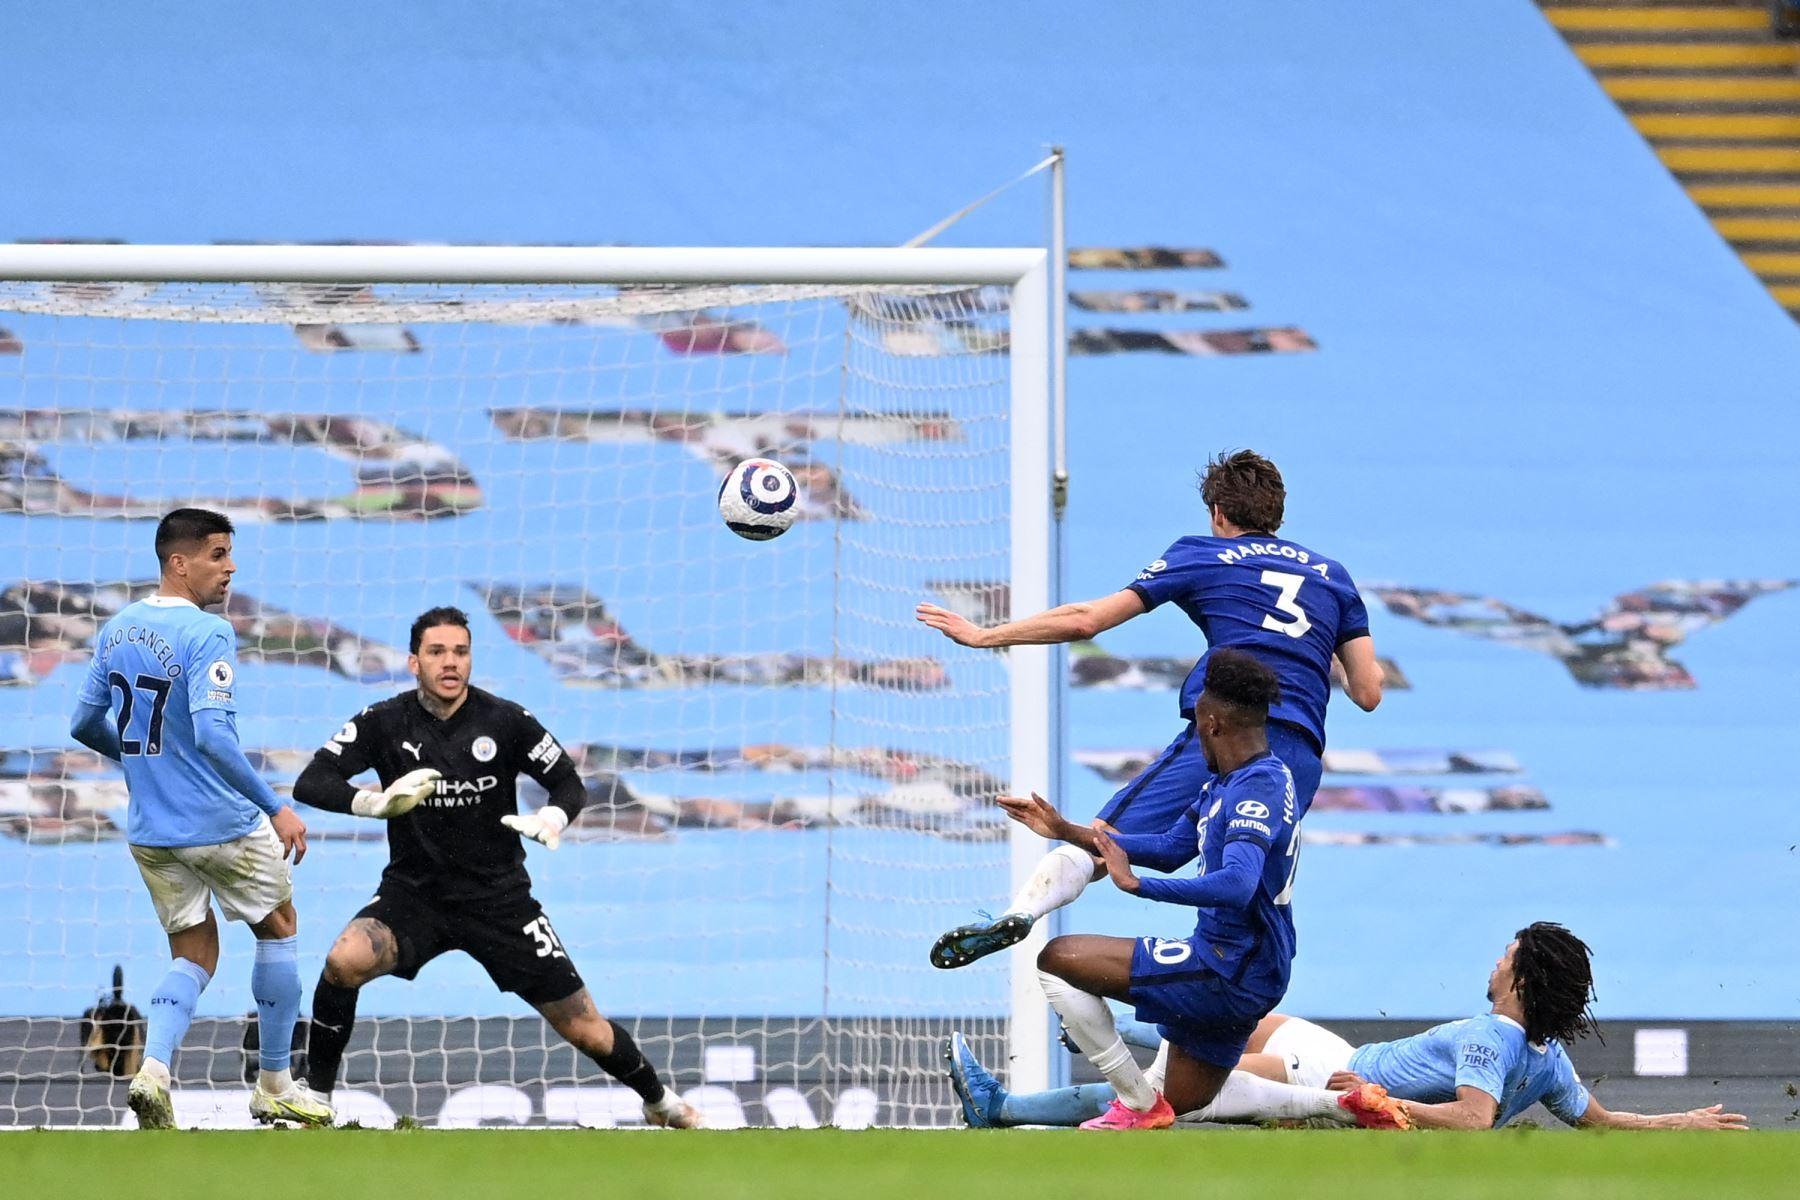 El defensor español del Chelsea, Marcos Alonso, dispara para anotar a su último ganador durante el partido de fútbol de la Premier League inglesa entre Manchester City y Chelsea. Foto: AFP